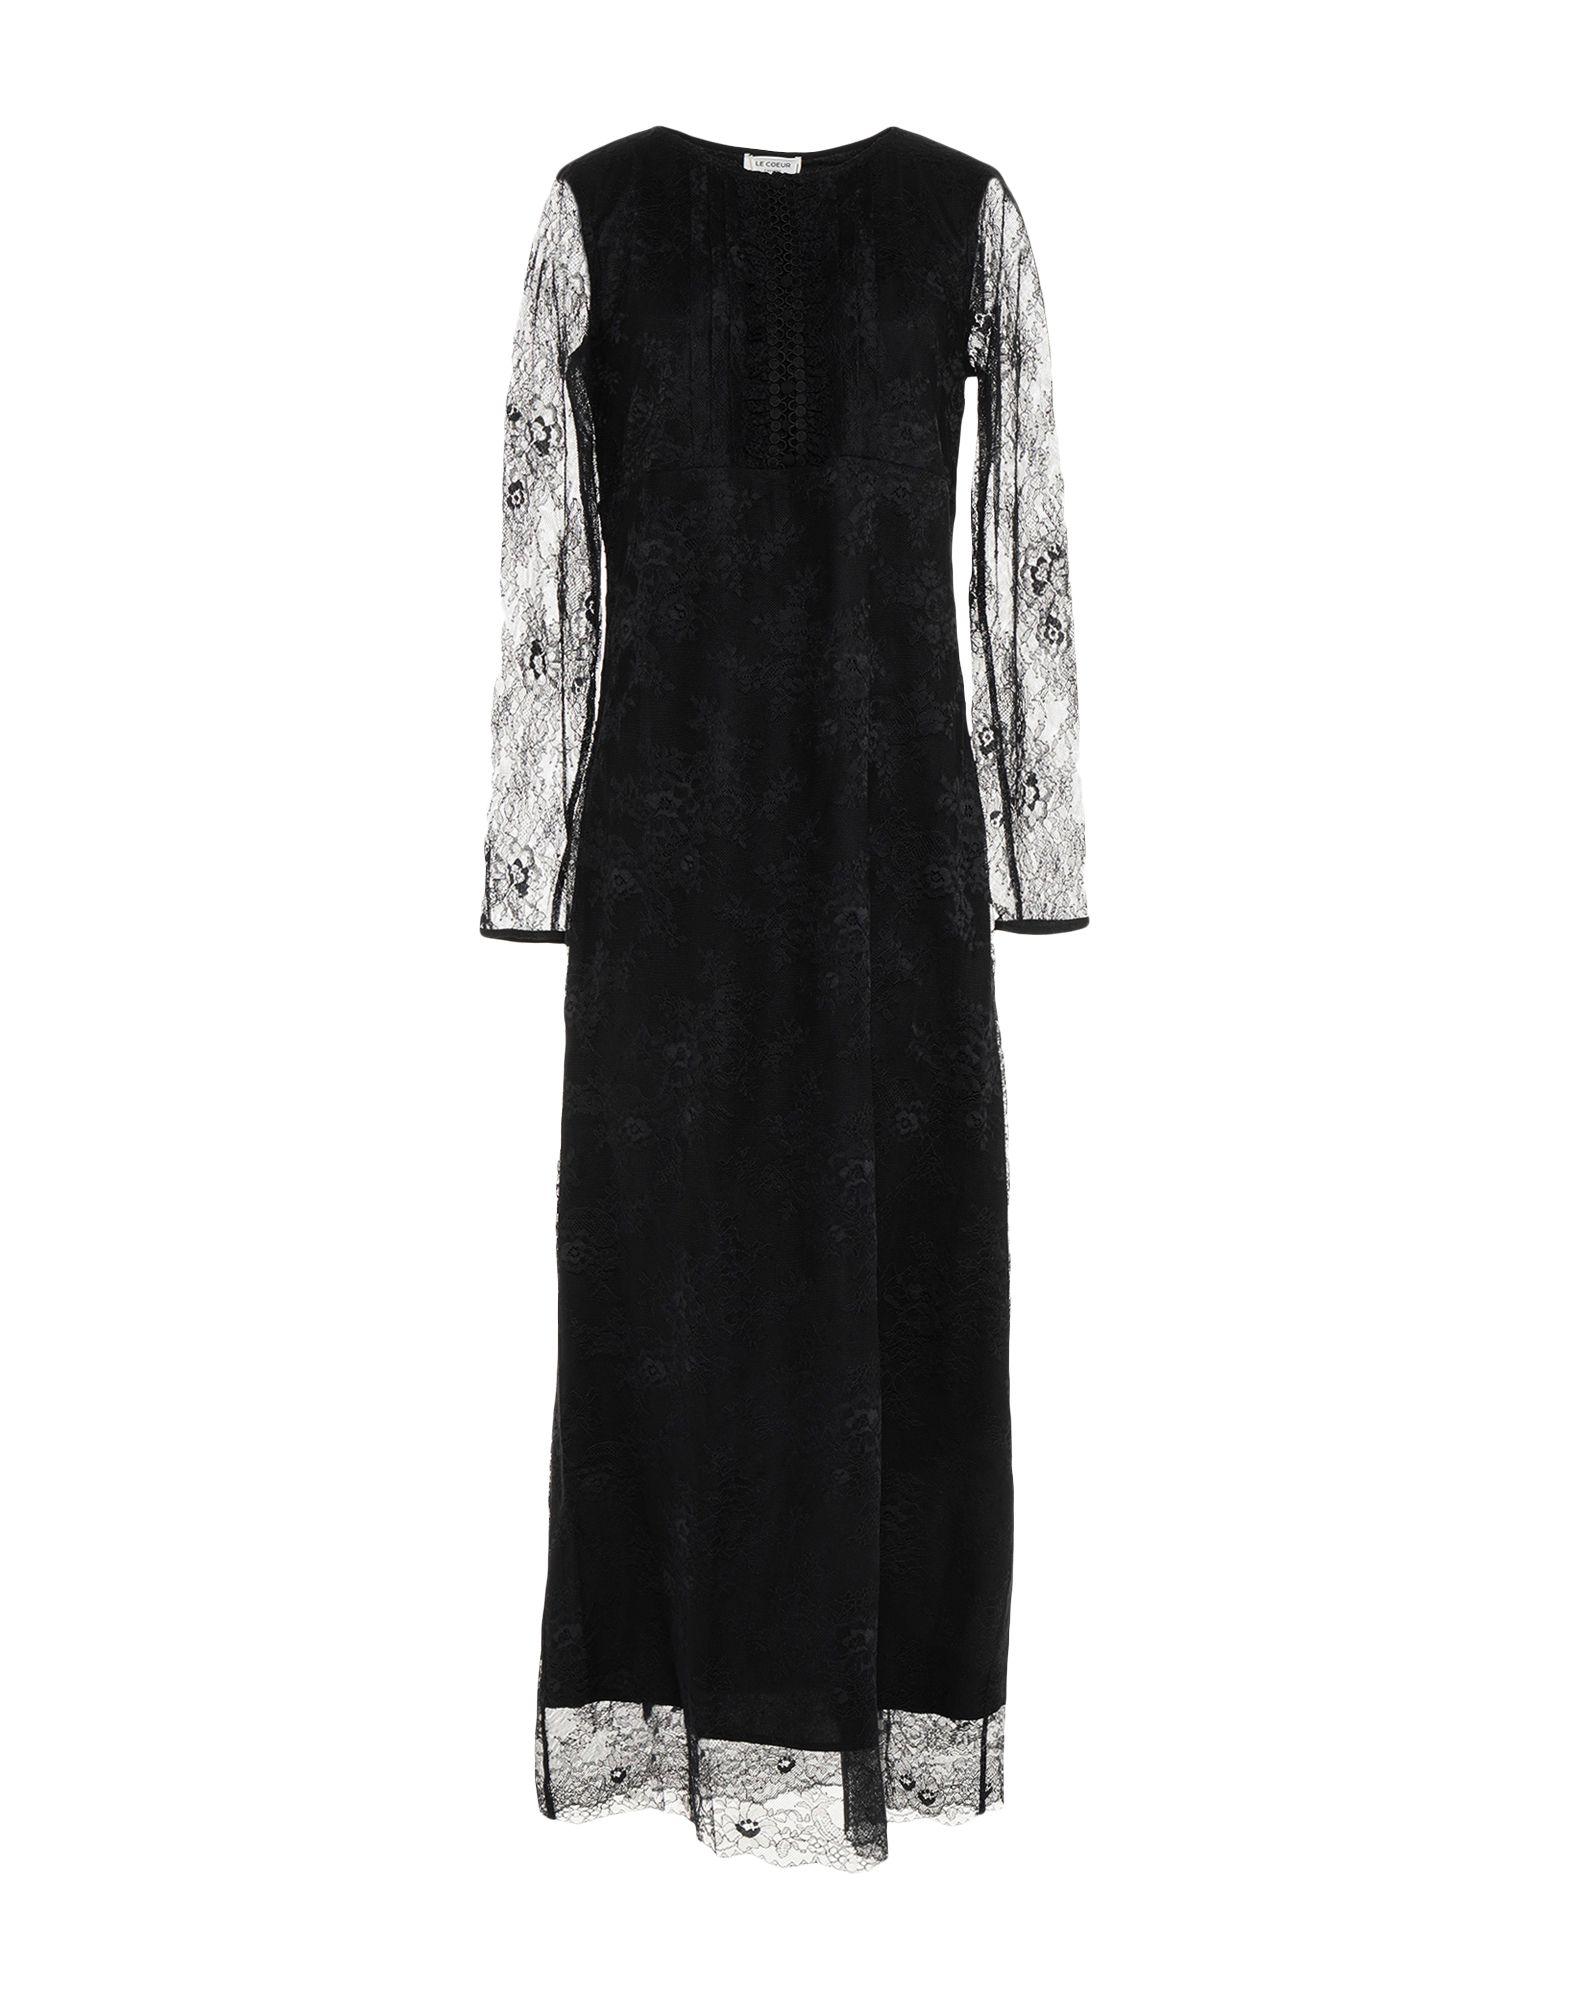 LE COEUR TWINSET Платье длиной 3/4